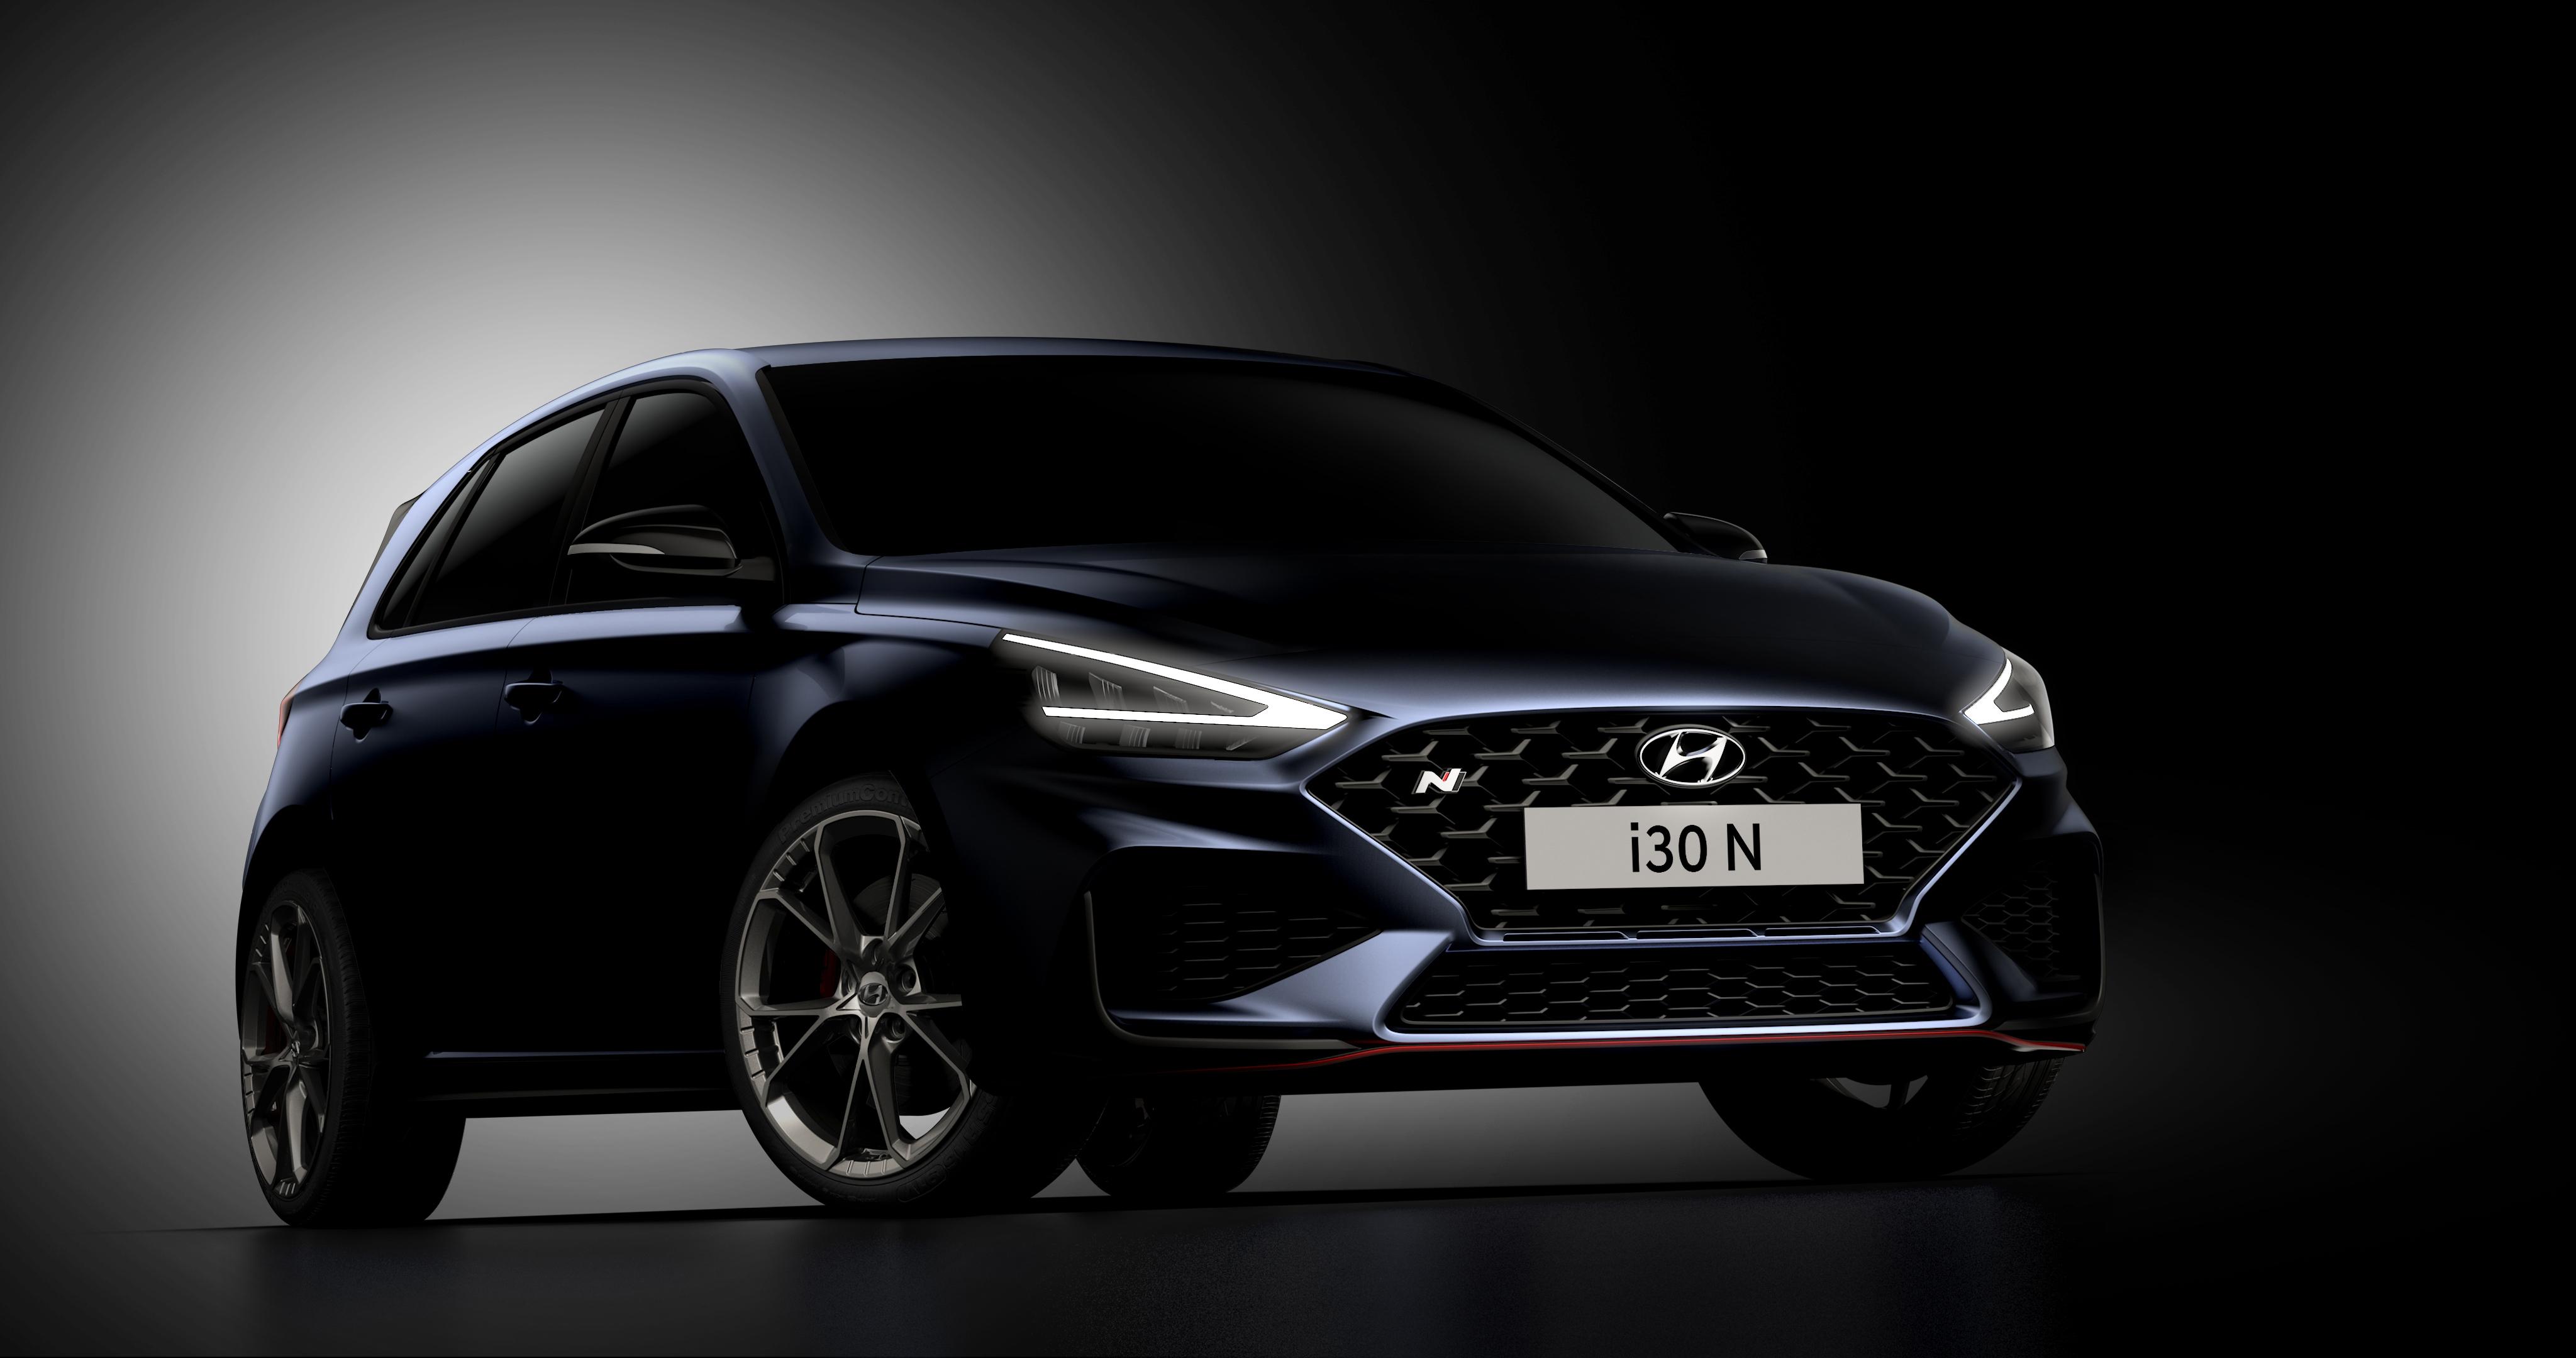 Hyundai não se esquece e também renova o i30N